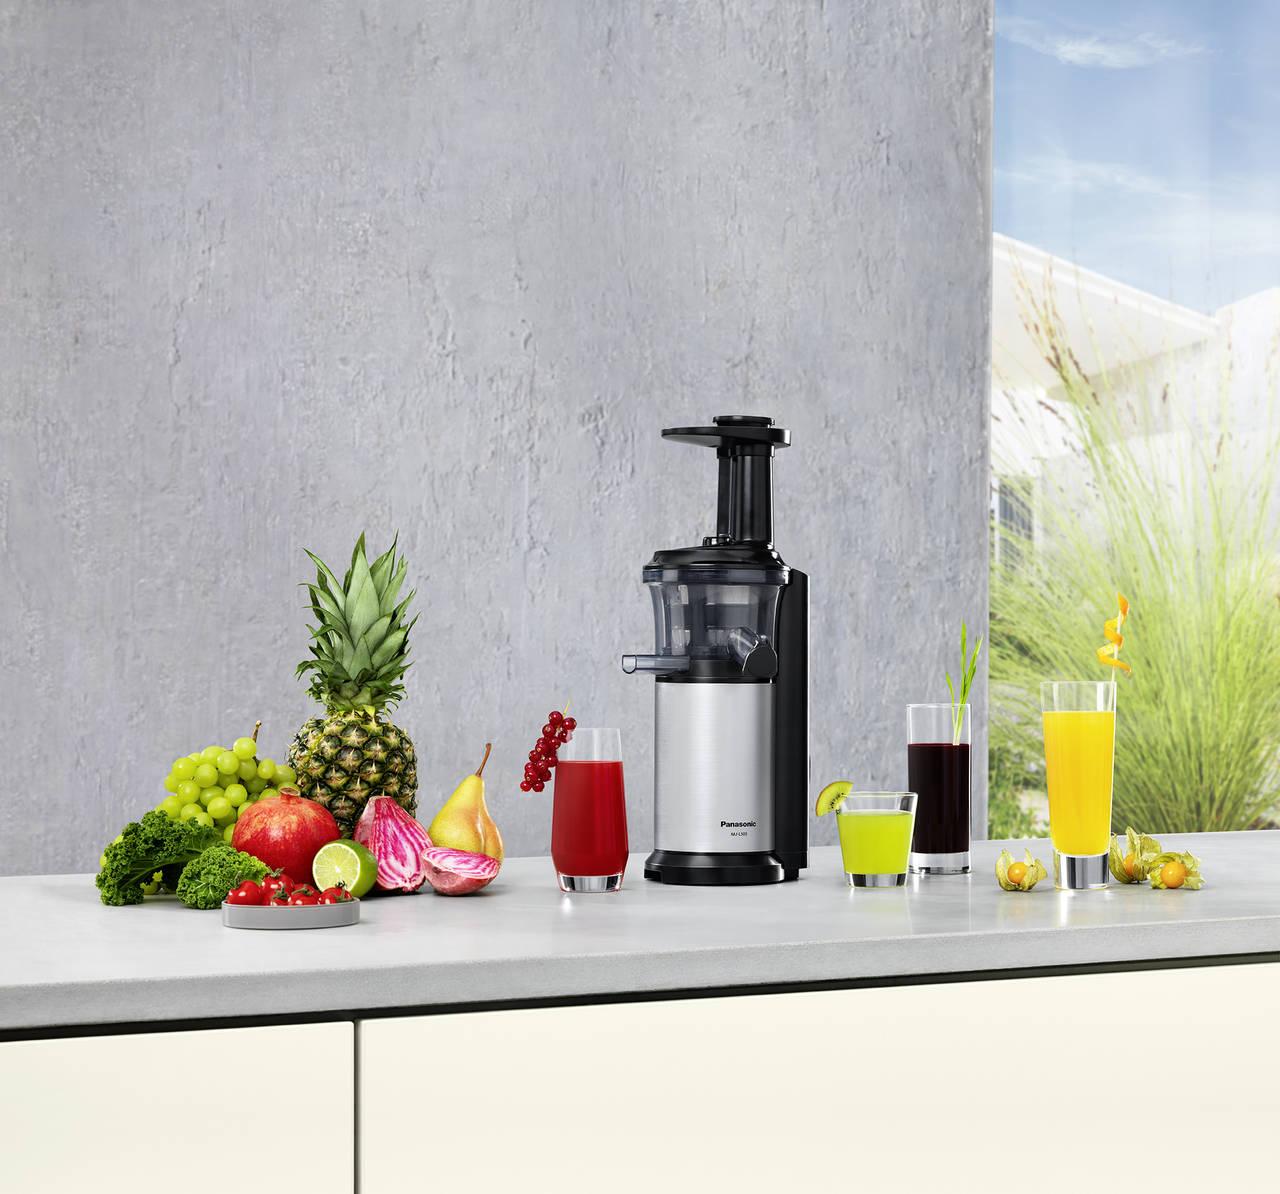 Da Panasonic l estrattore per creare succhi di frutta freschi e nutrienti bargiornale